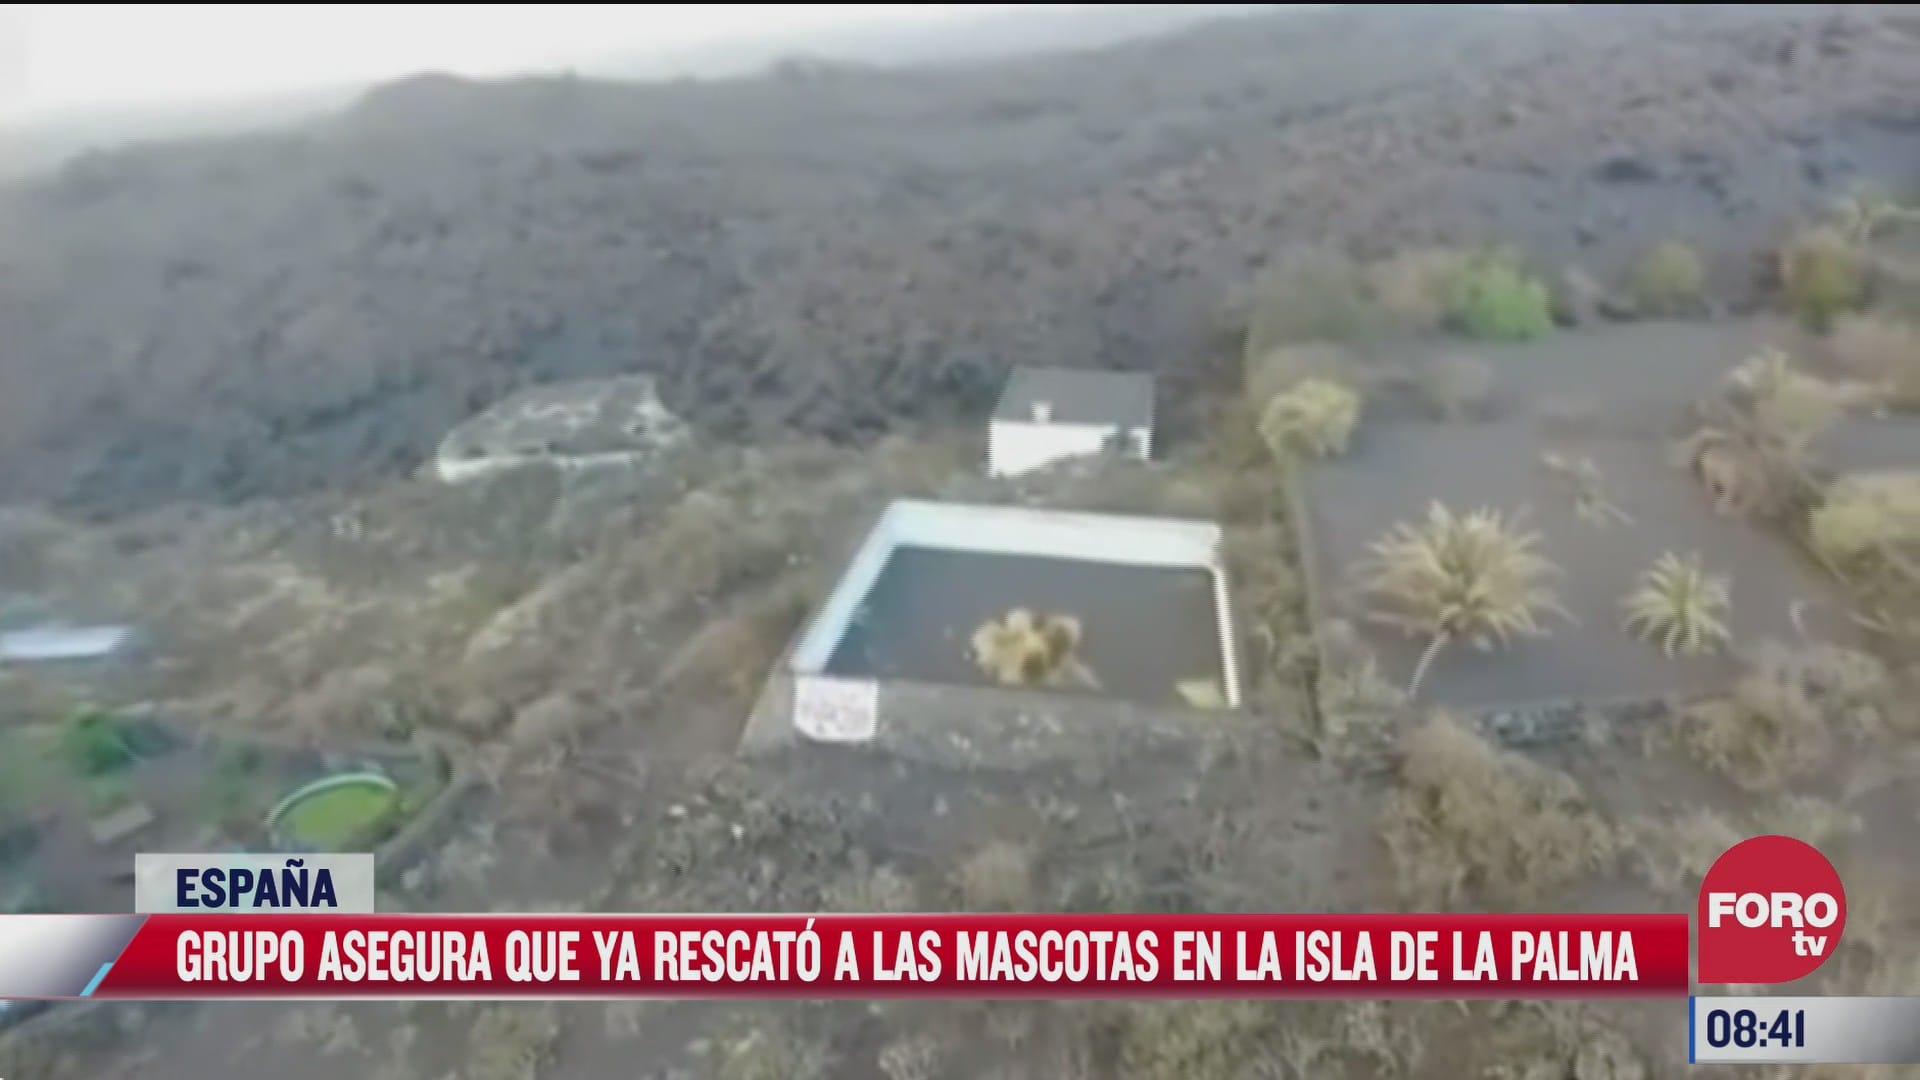 misterioso grupo afirma haber rescatado a perros atrapados por erupcion de volcan en la palma